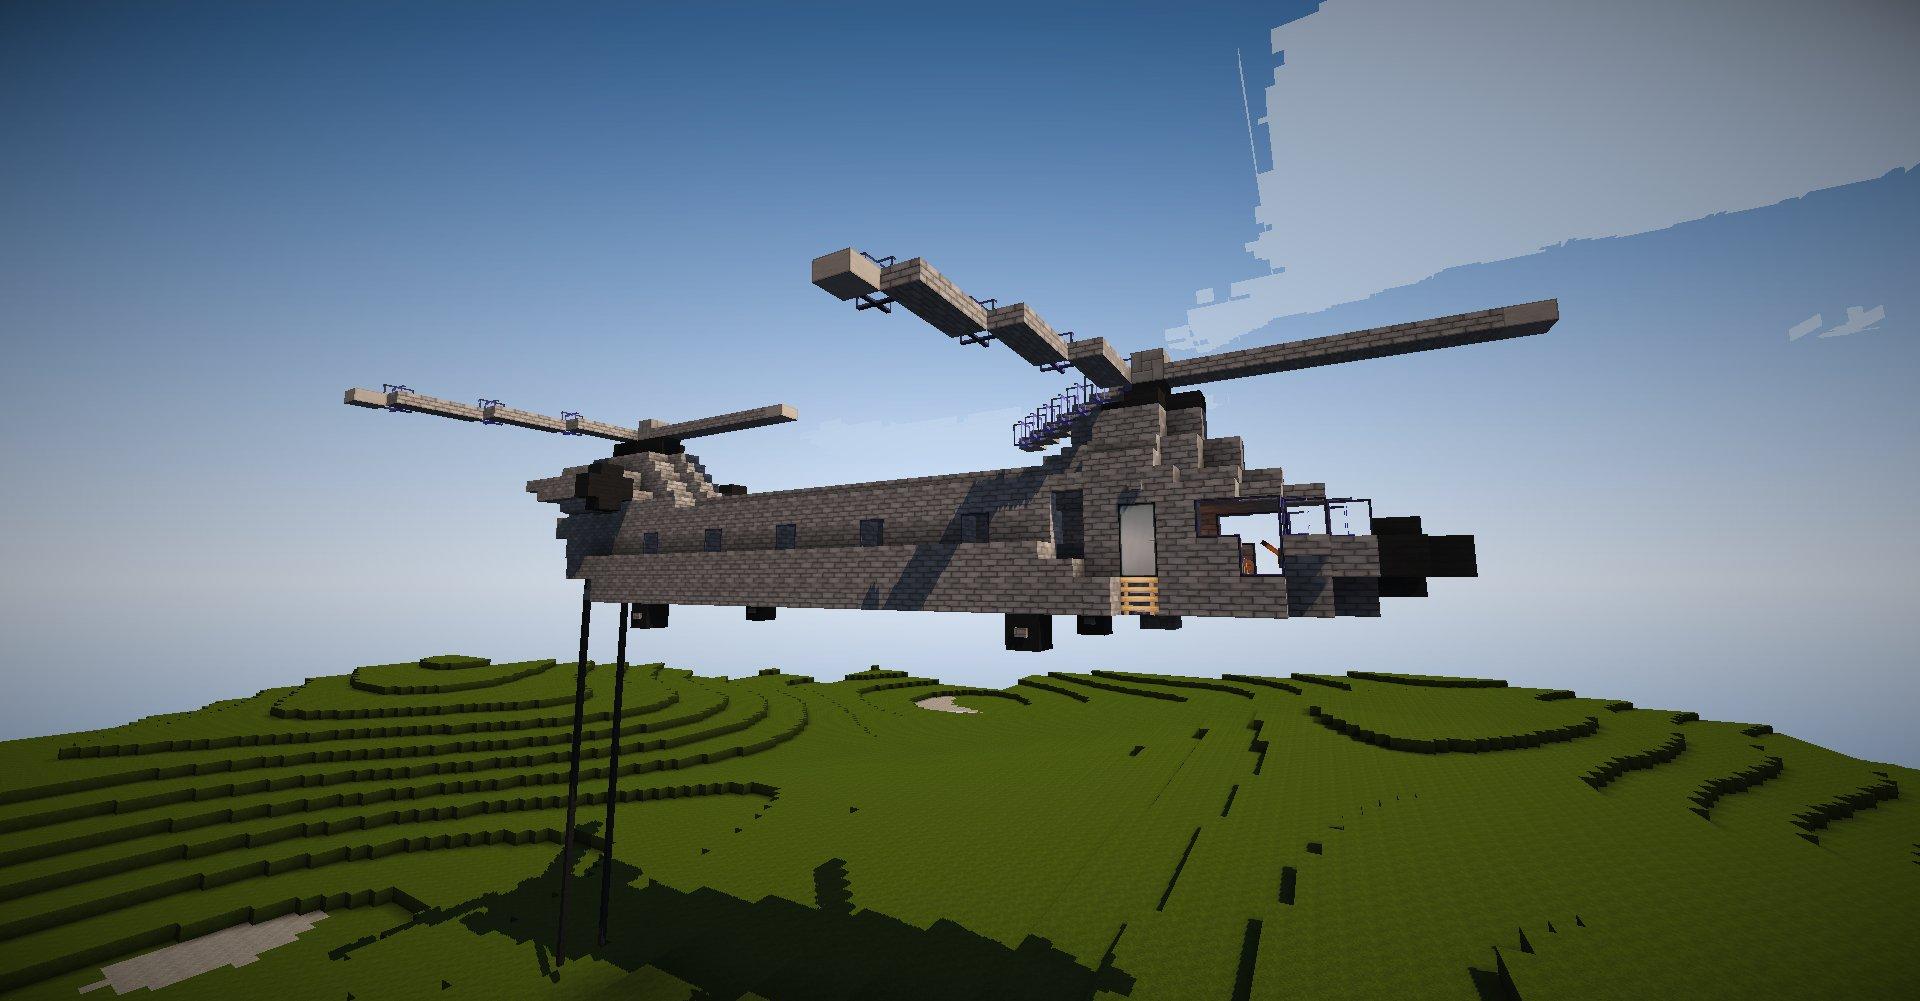 ヘリコプター マイクラ